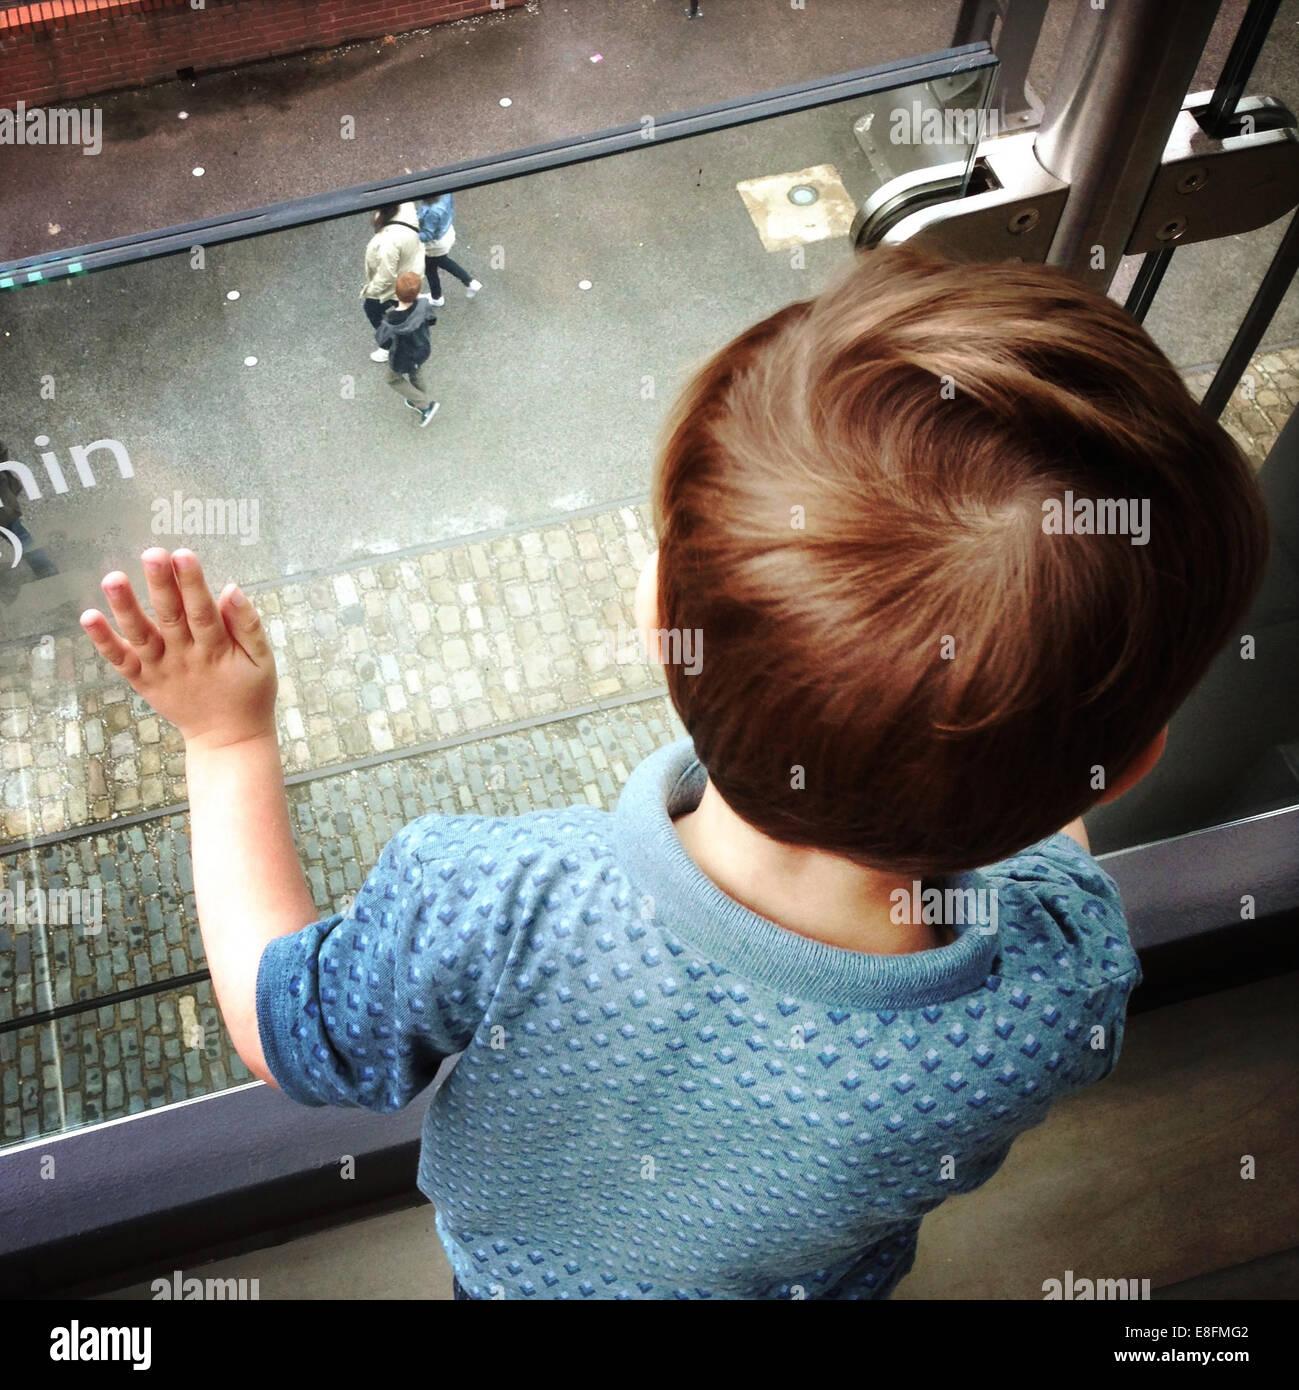 Regno Unito, Inghilterra, Manchester, bambino guardando le persone dal di sopra Immagini Stock